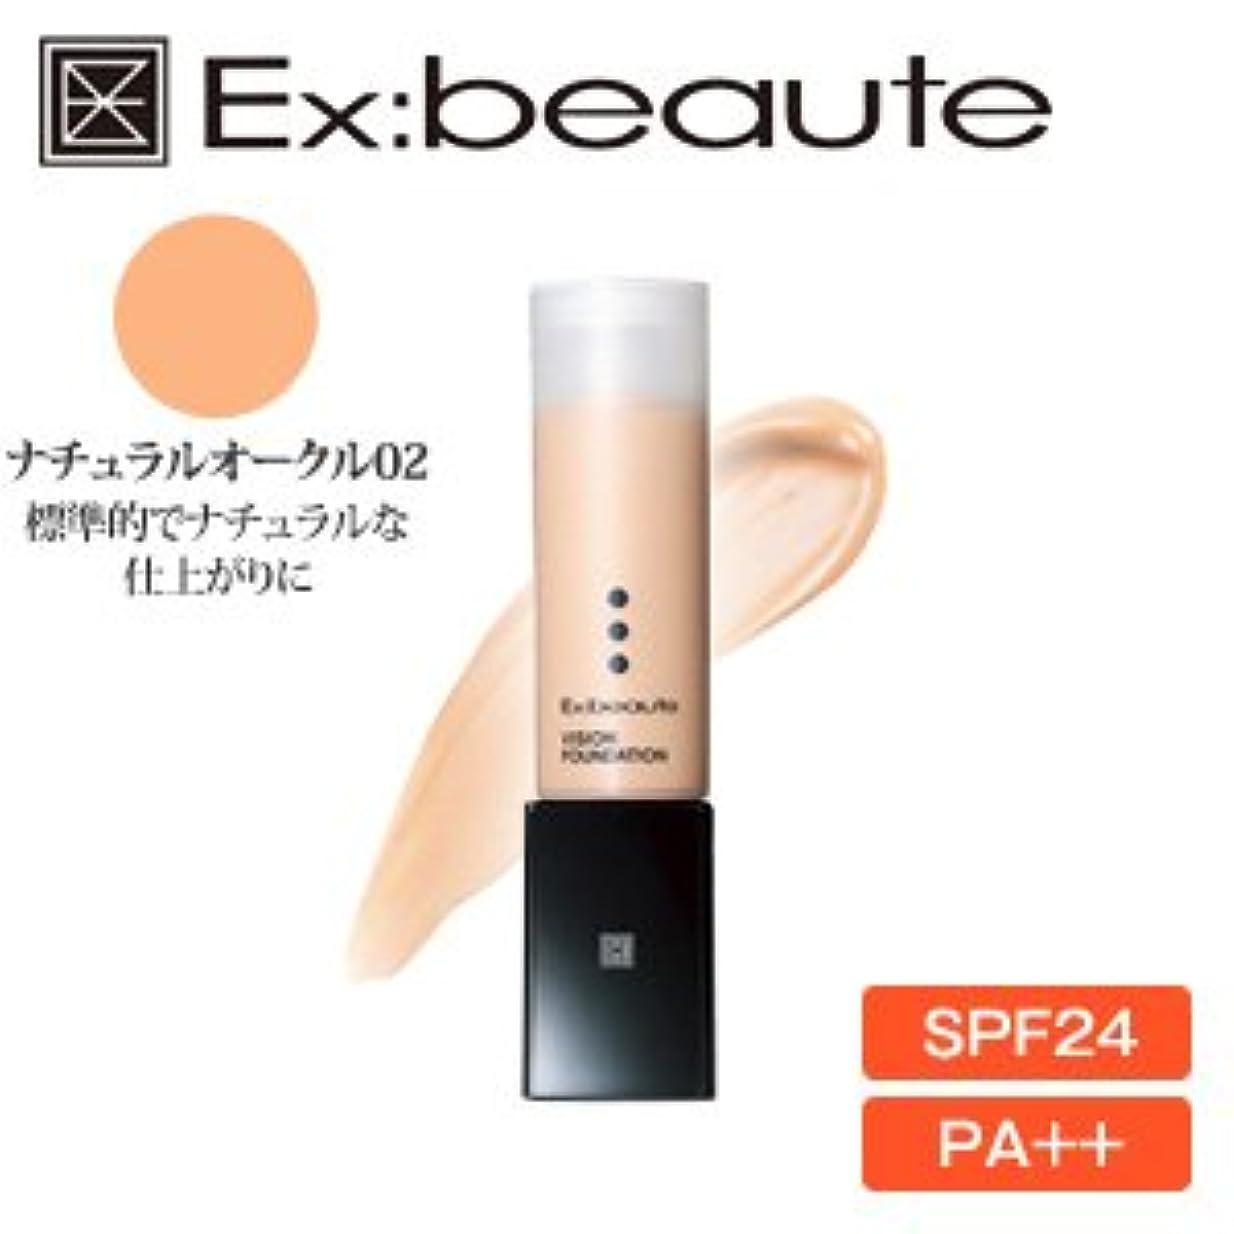 告白アパル専門化するEx:beaute (エクスボーテ) ビジョンファンデーション リキッドモイストタイプ ナチュラルオークル02